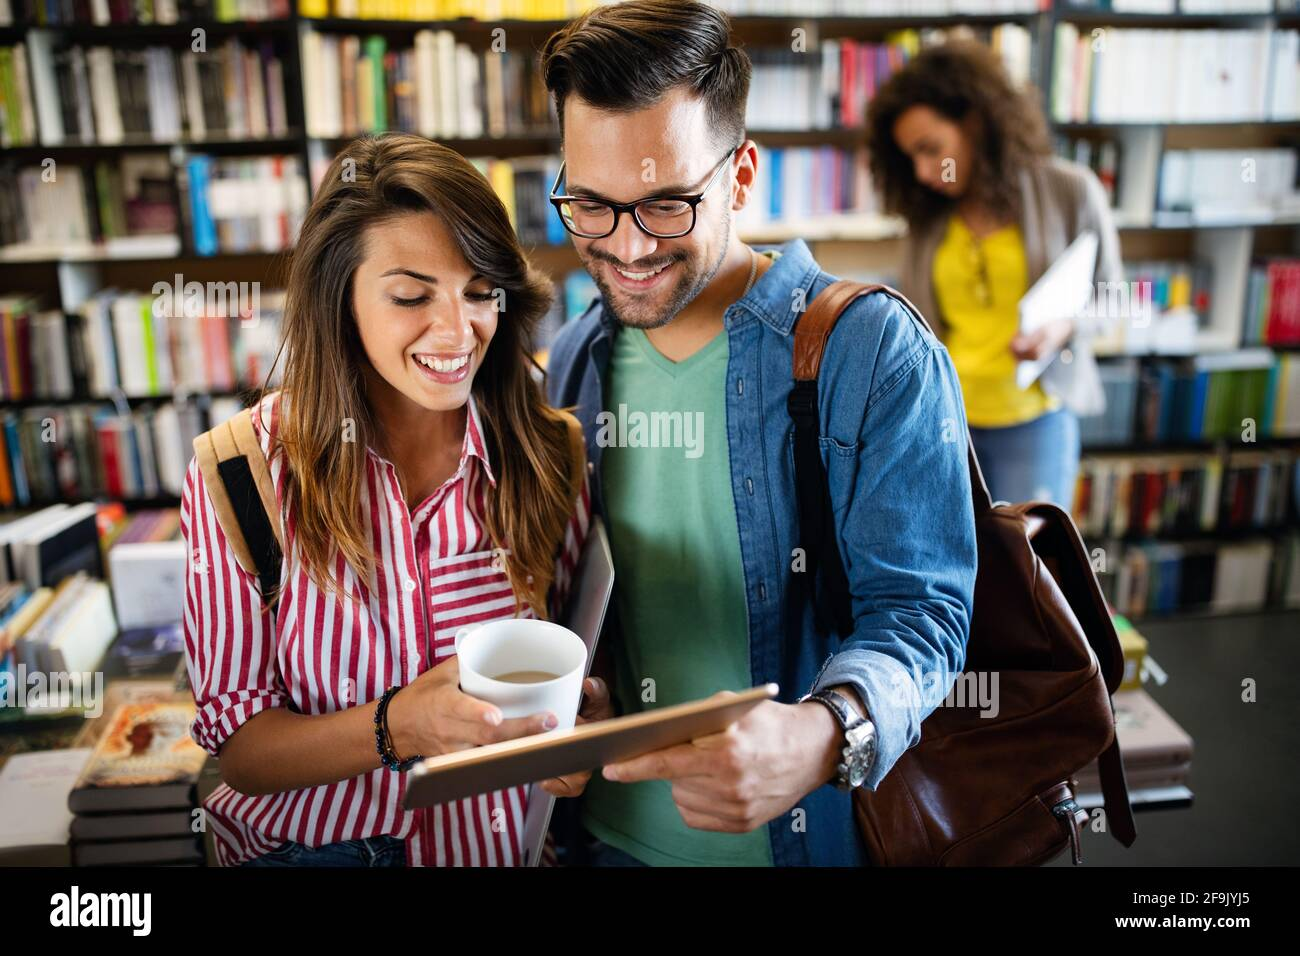 Giovani studenti universitari che studiano insieme. Gruppo di amici multirazziali in università Foto Stock